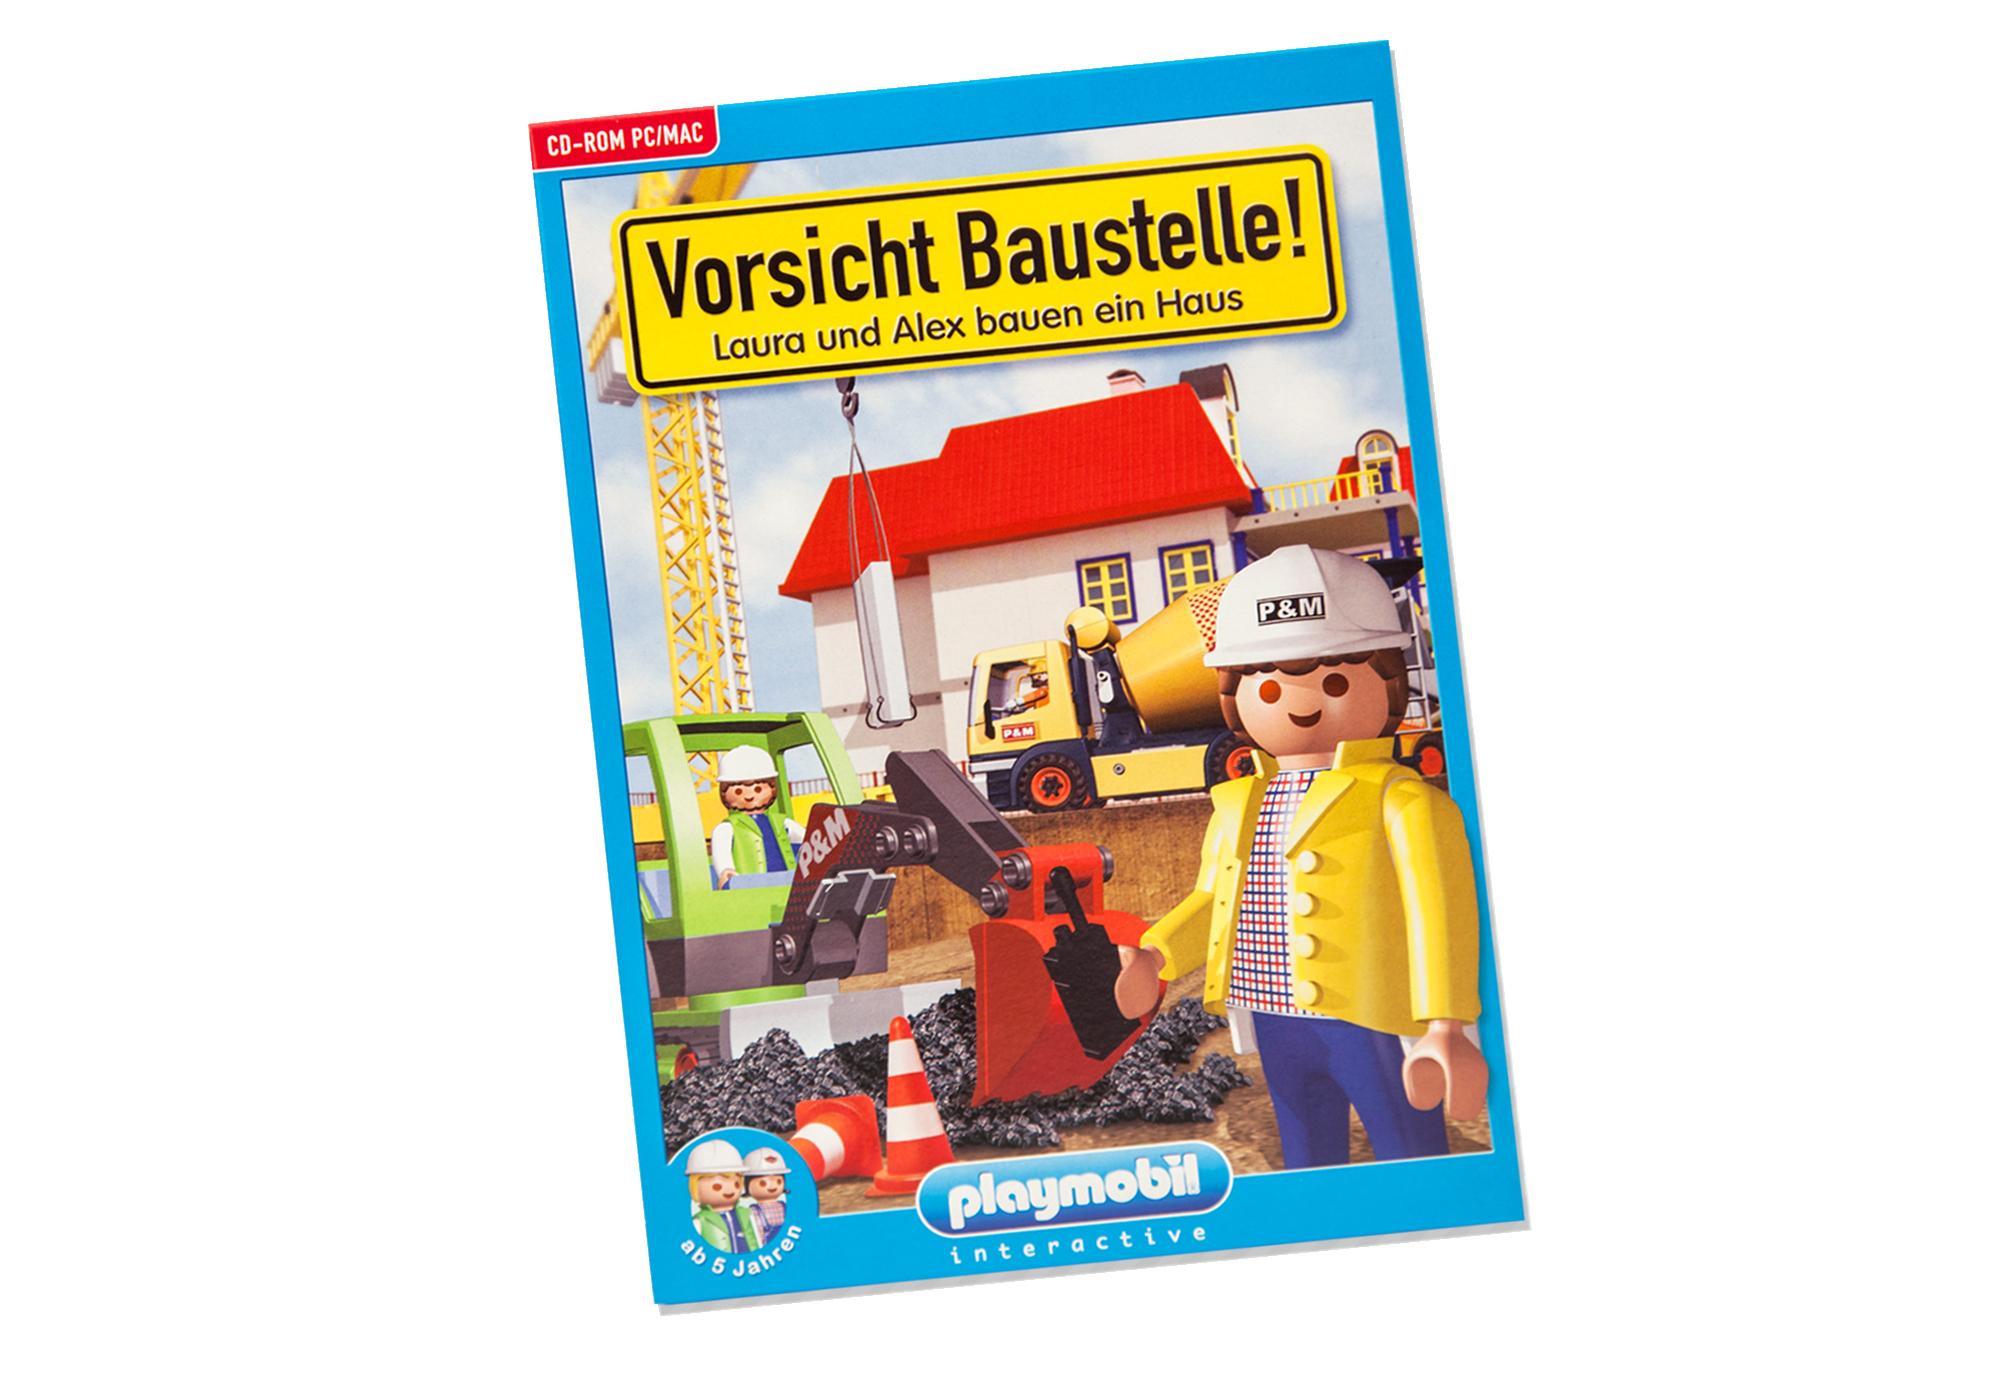 Baustelle haus comic  Vorsicht Baustelle! – Laura und Alex bauen ein Haus - 80099 ...